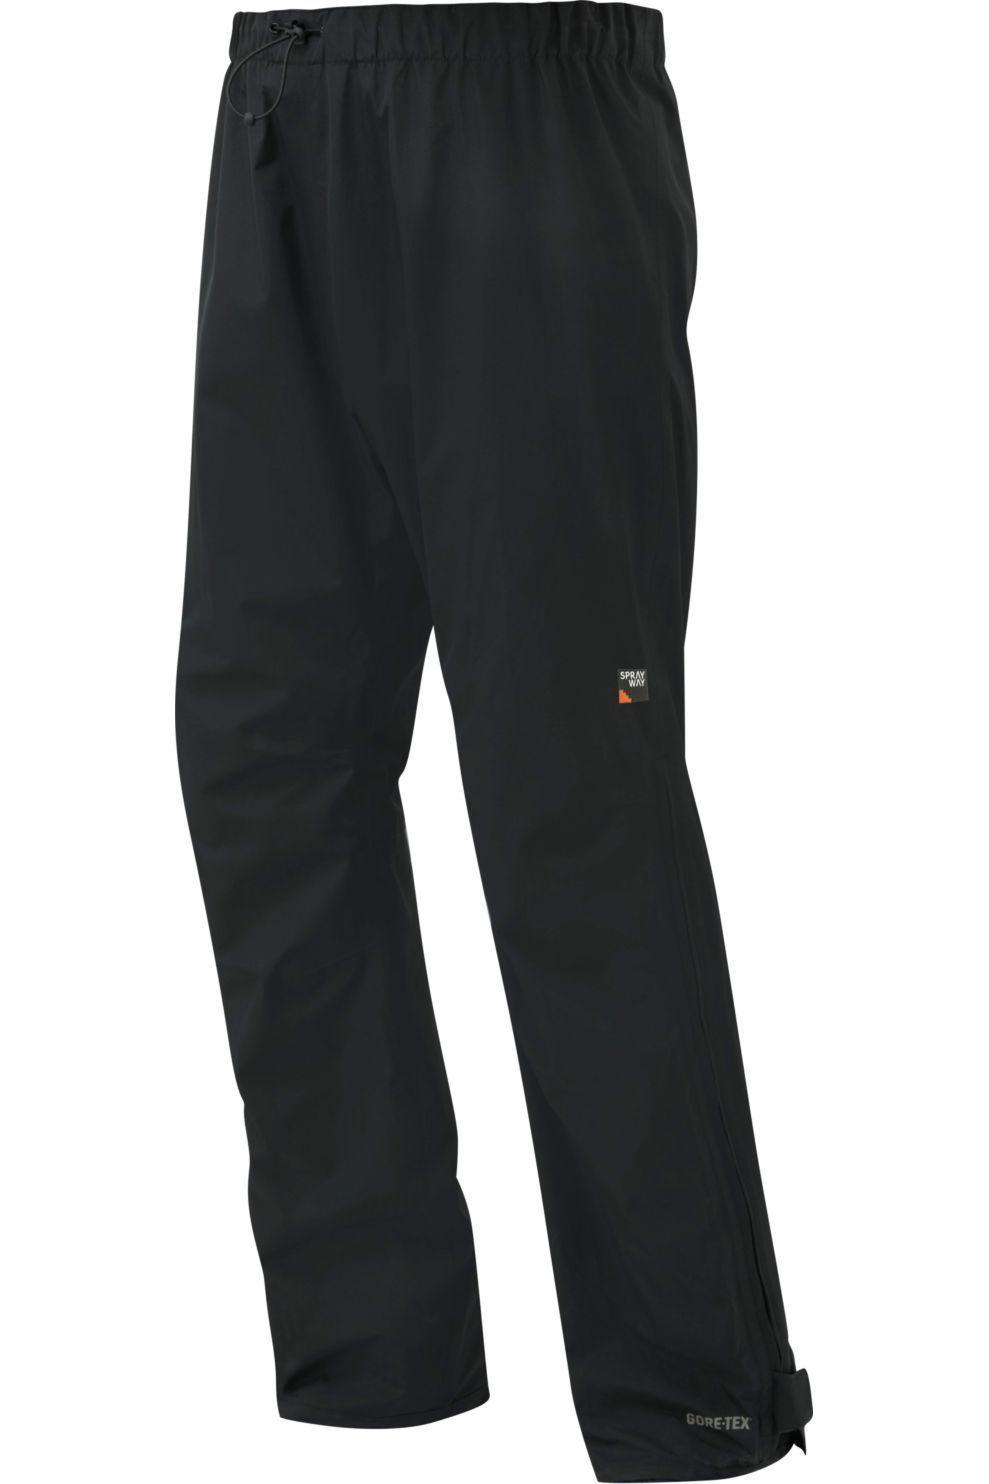 Sprayway Broek Nakuru Gore-Tex voor heren - Zwart - Maten: S, M, L, XL, XXL